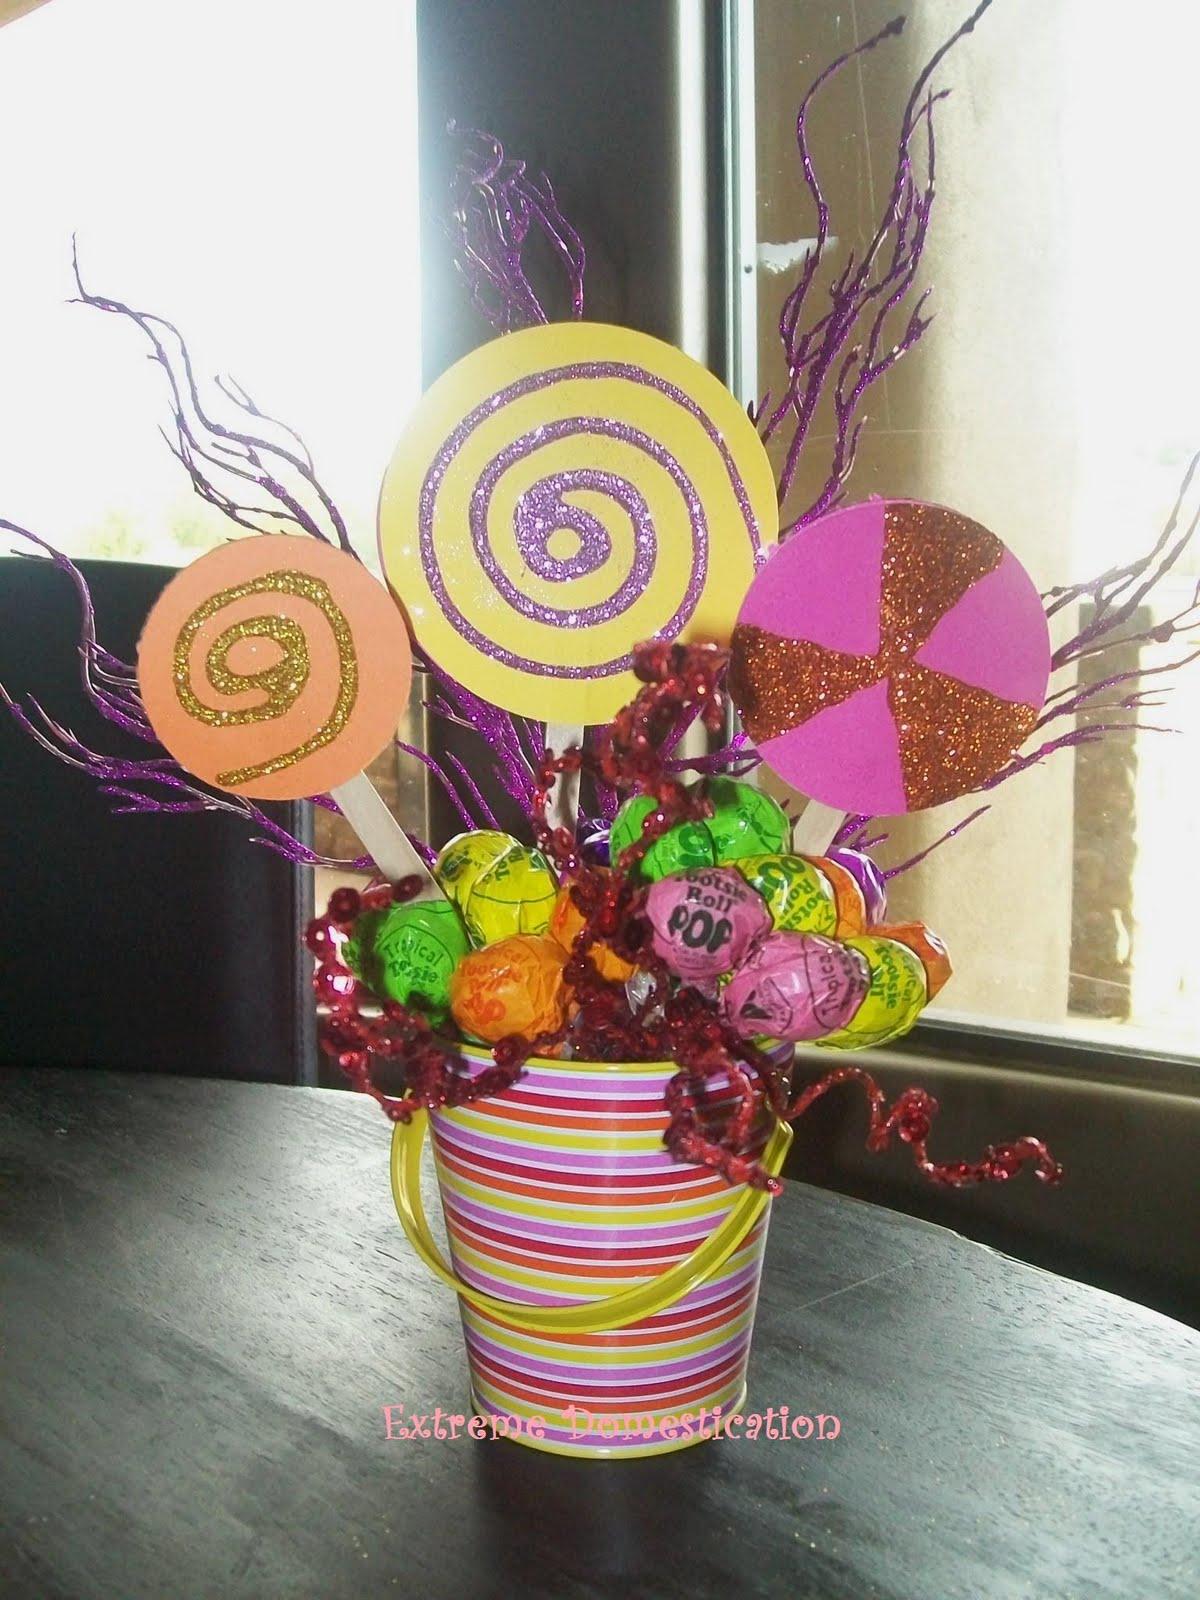 Extreme domestication lollipop centerpiece